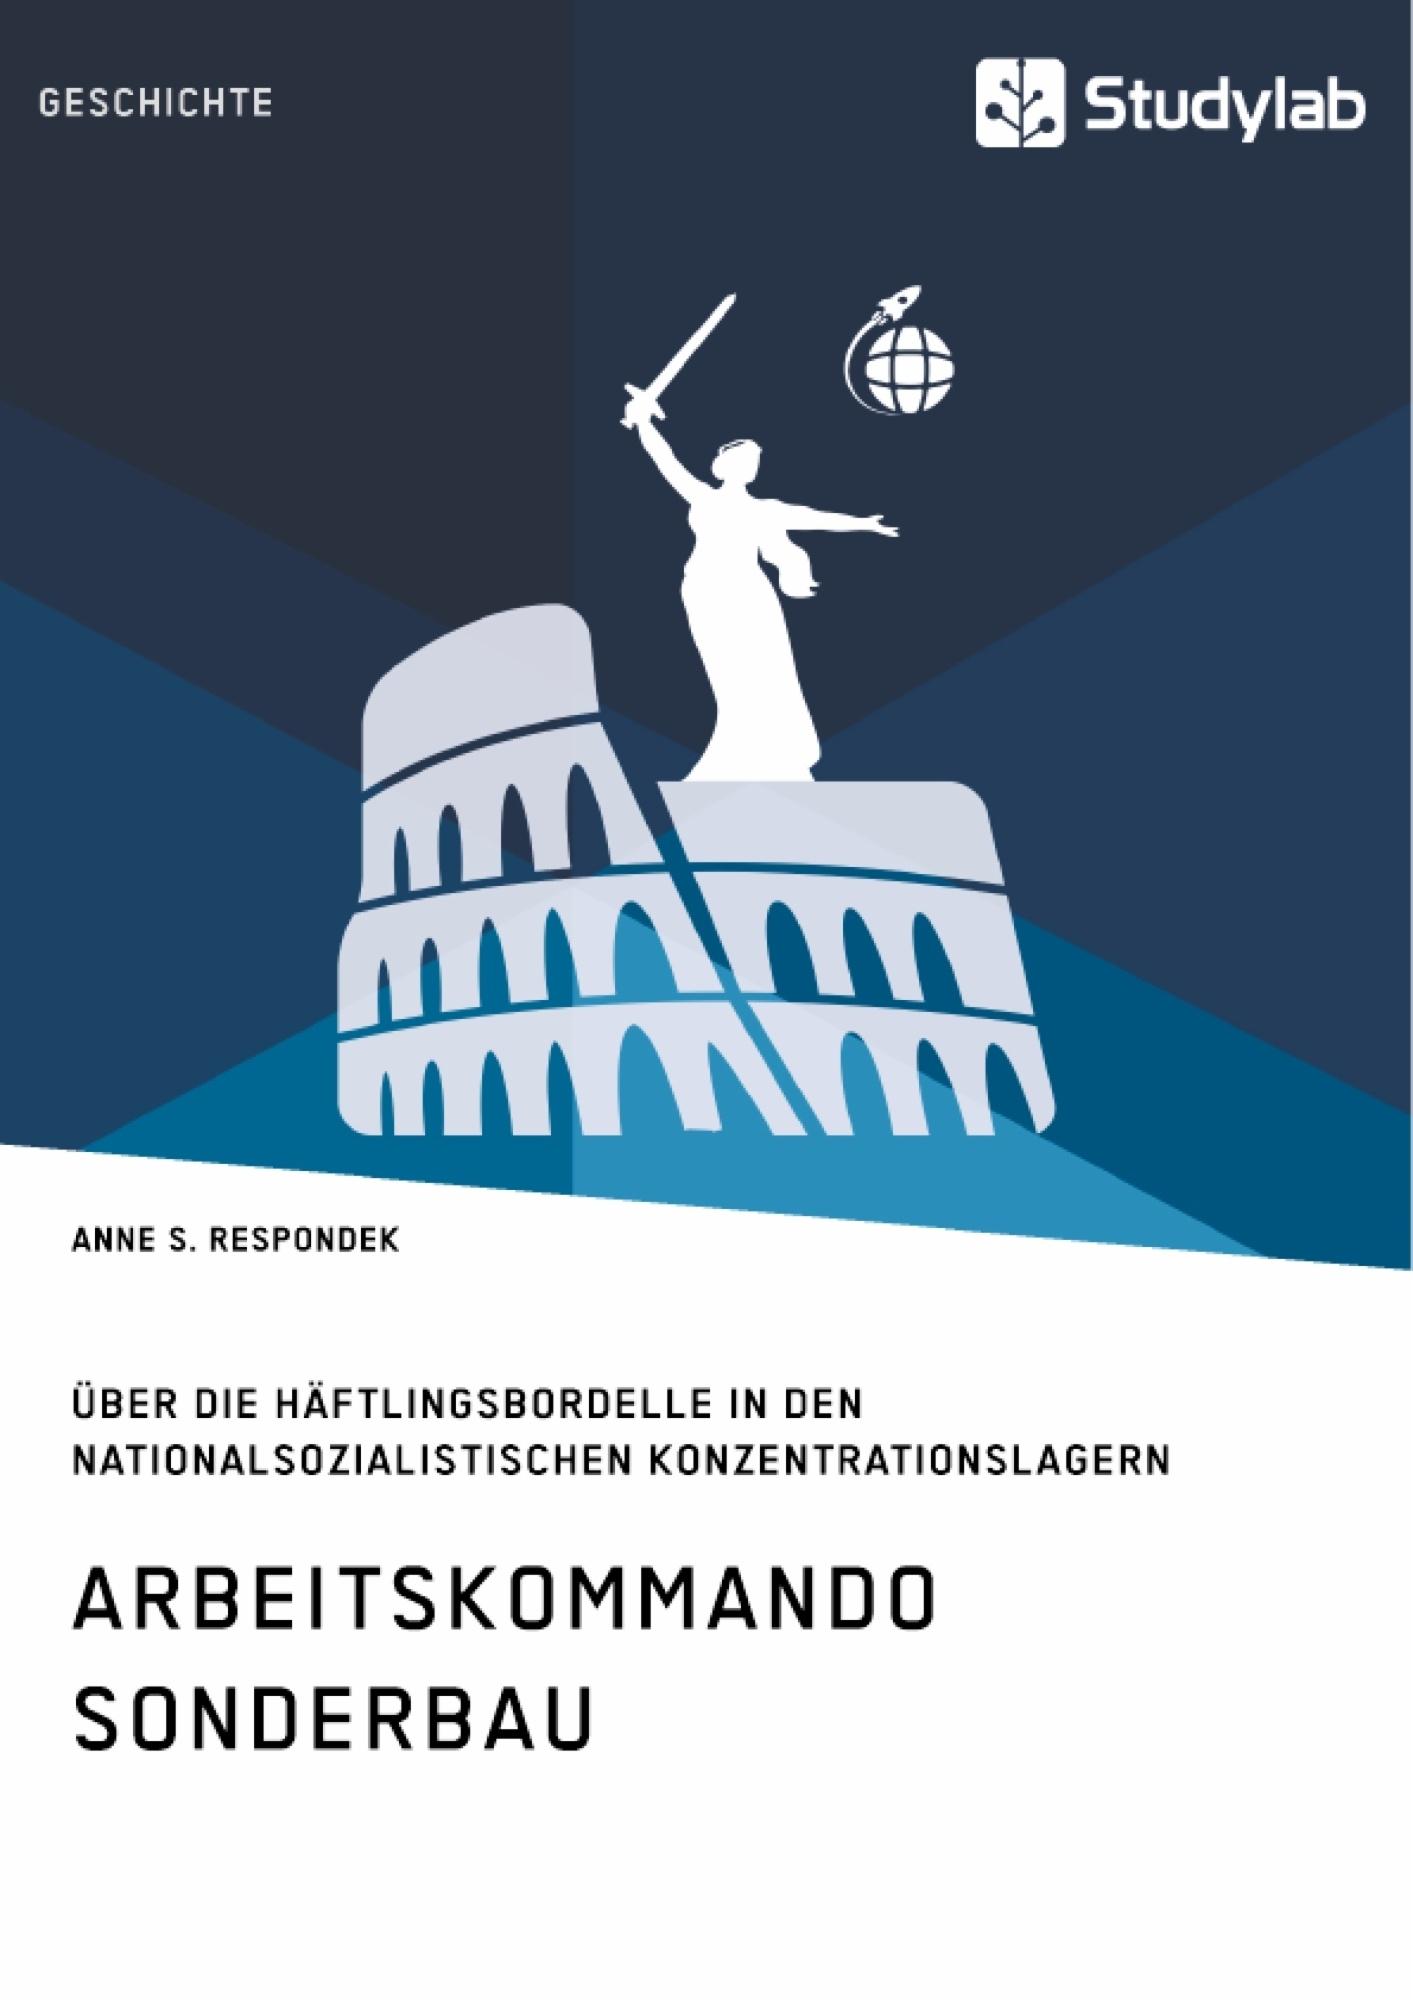 Titel: Arbeitskommando Sonderbau. Über die Häftlingsbordelle in den nationalsozialistischen Konzentrationslagern